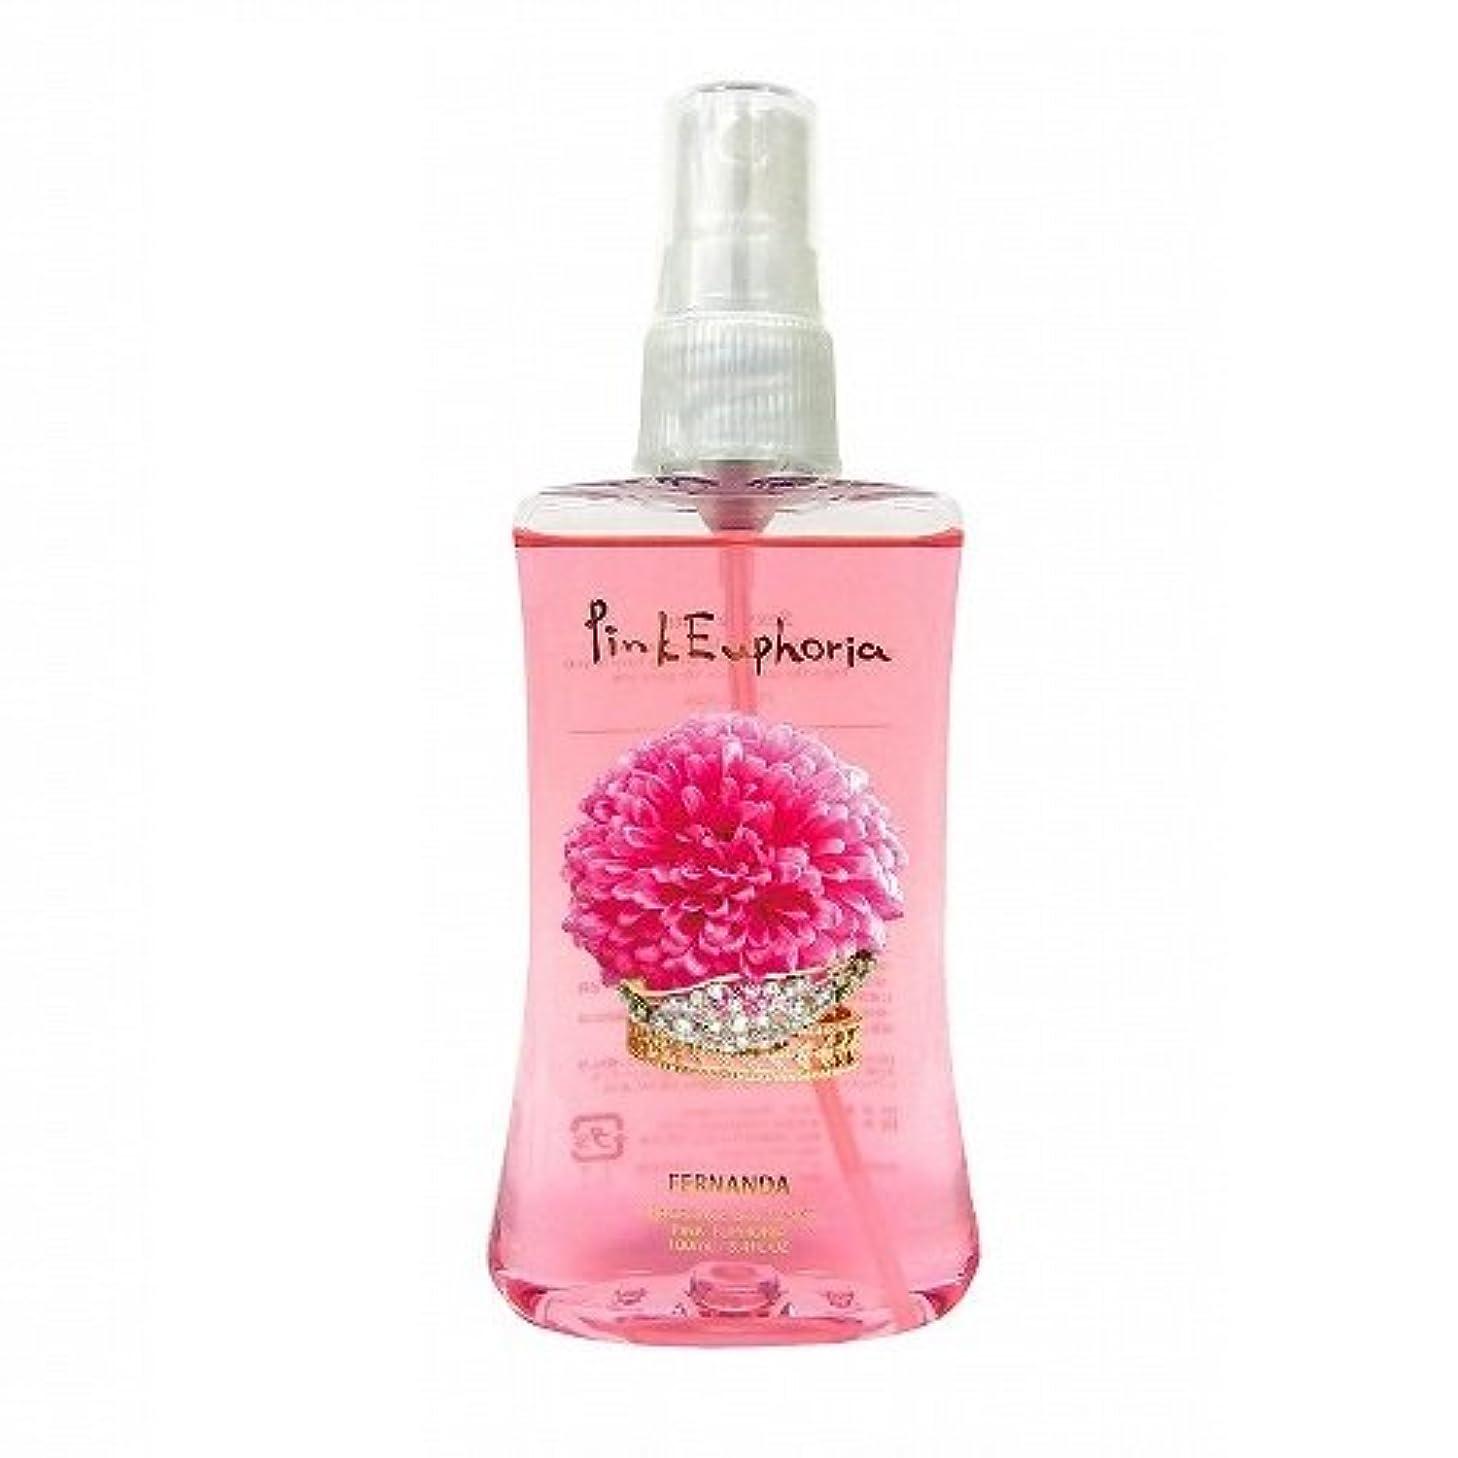 エトナ山熟練した土器FERNANDA(フェルナンダ) Body Mist Pink Euphoria (ボディミスト ピンクエウフォリア)